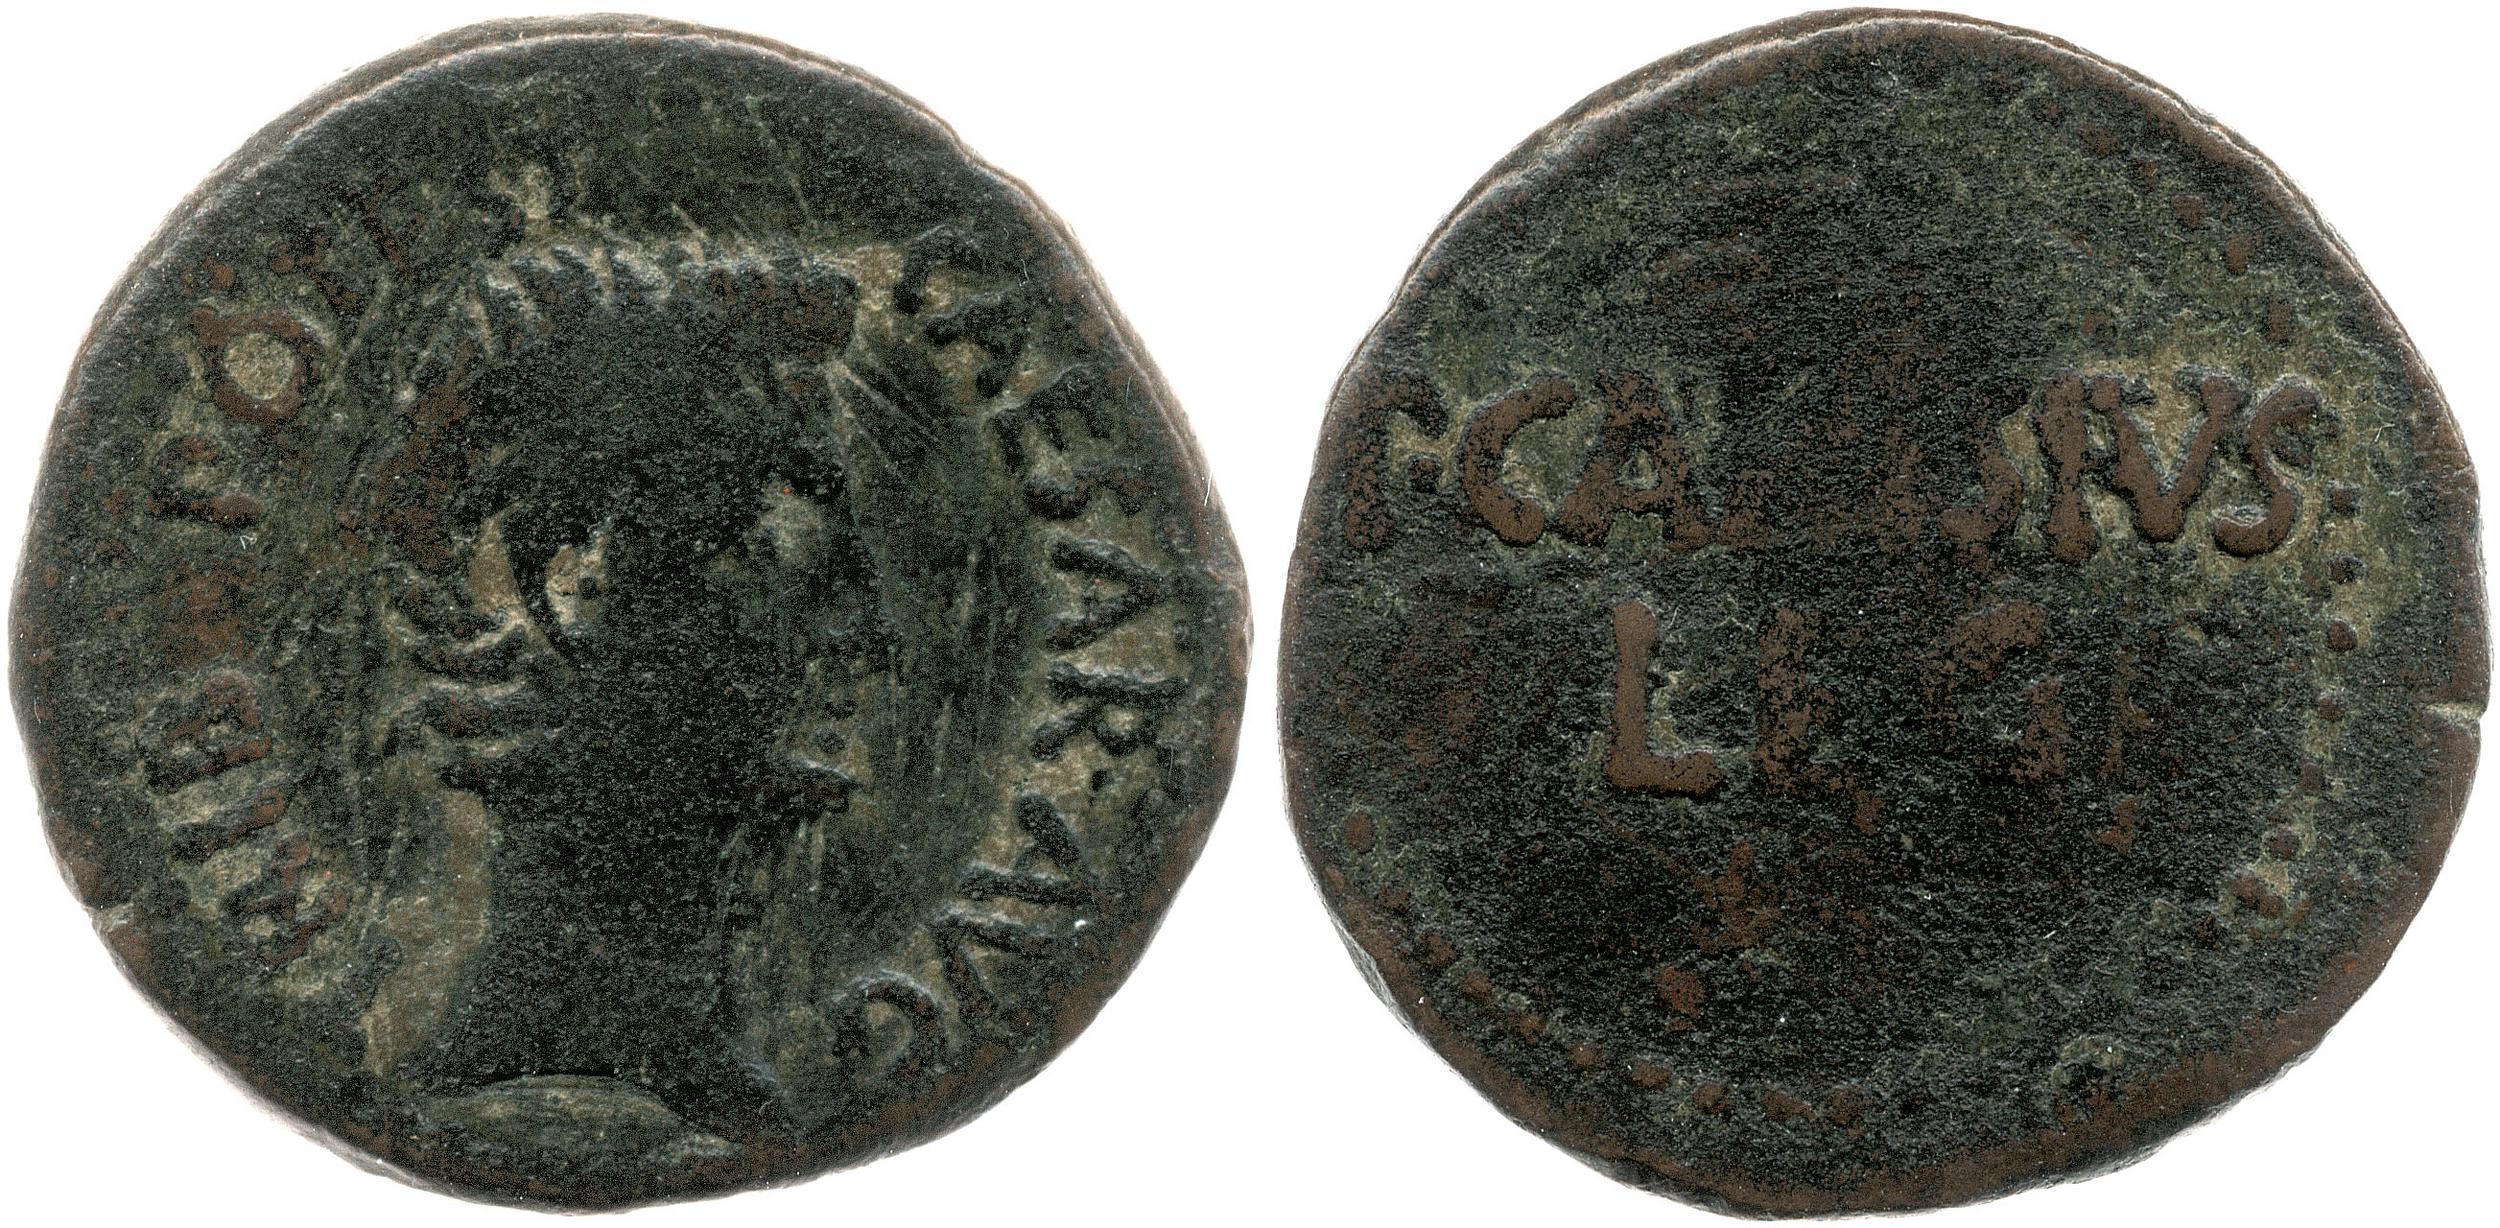 2454AU – As Auguste – P. Carisius